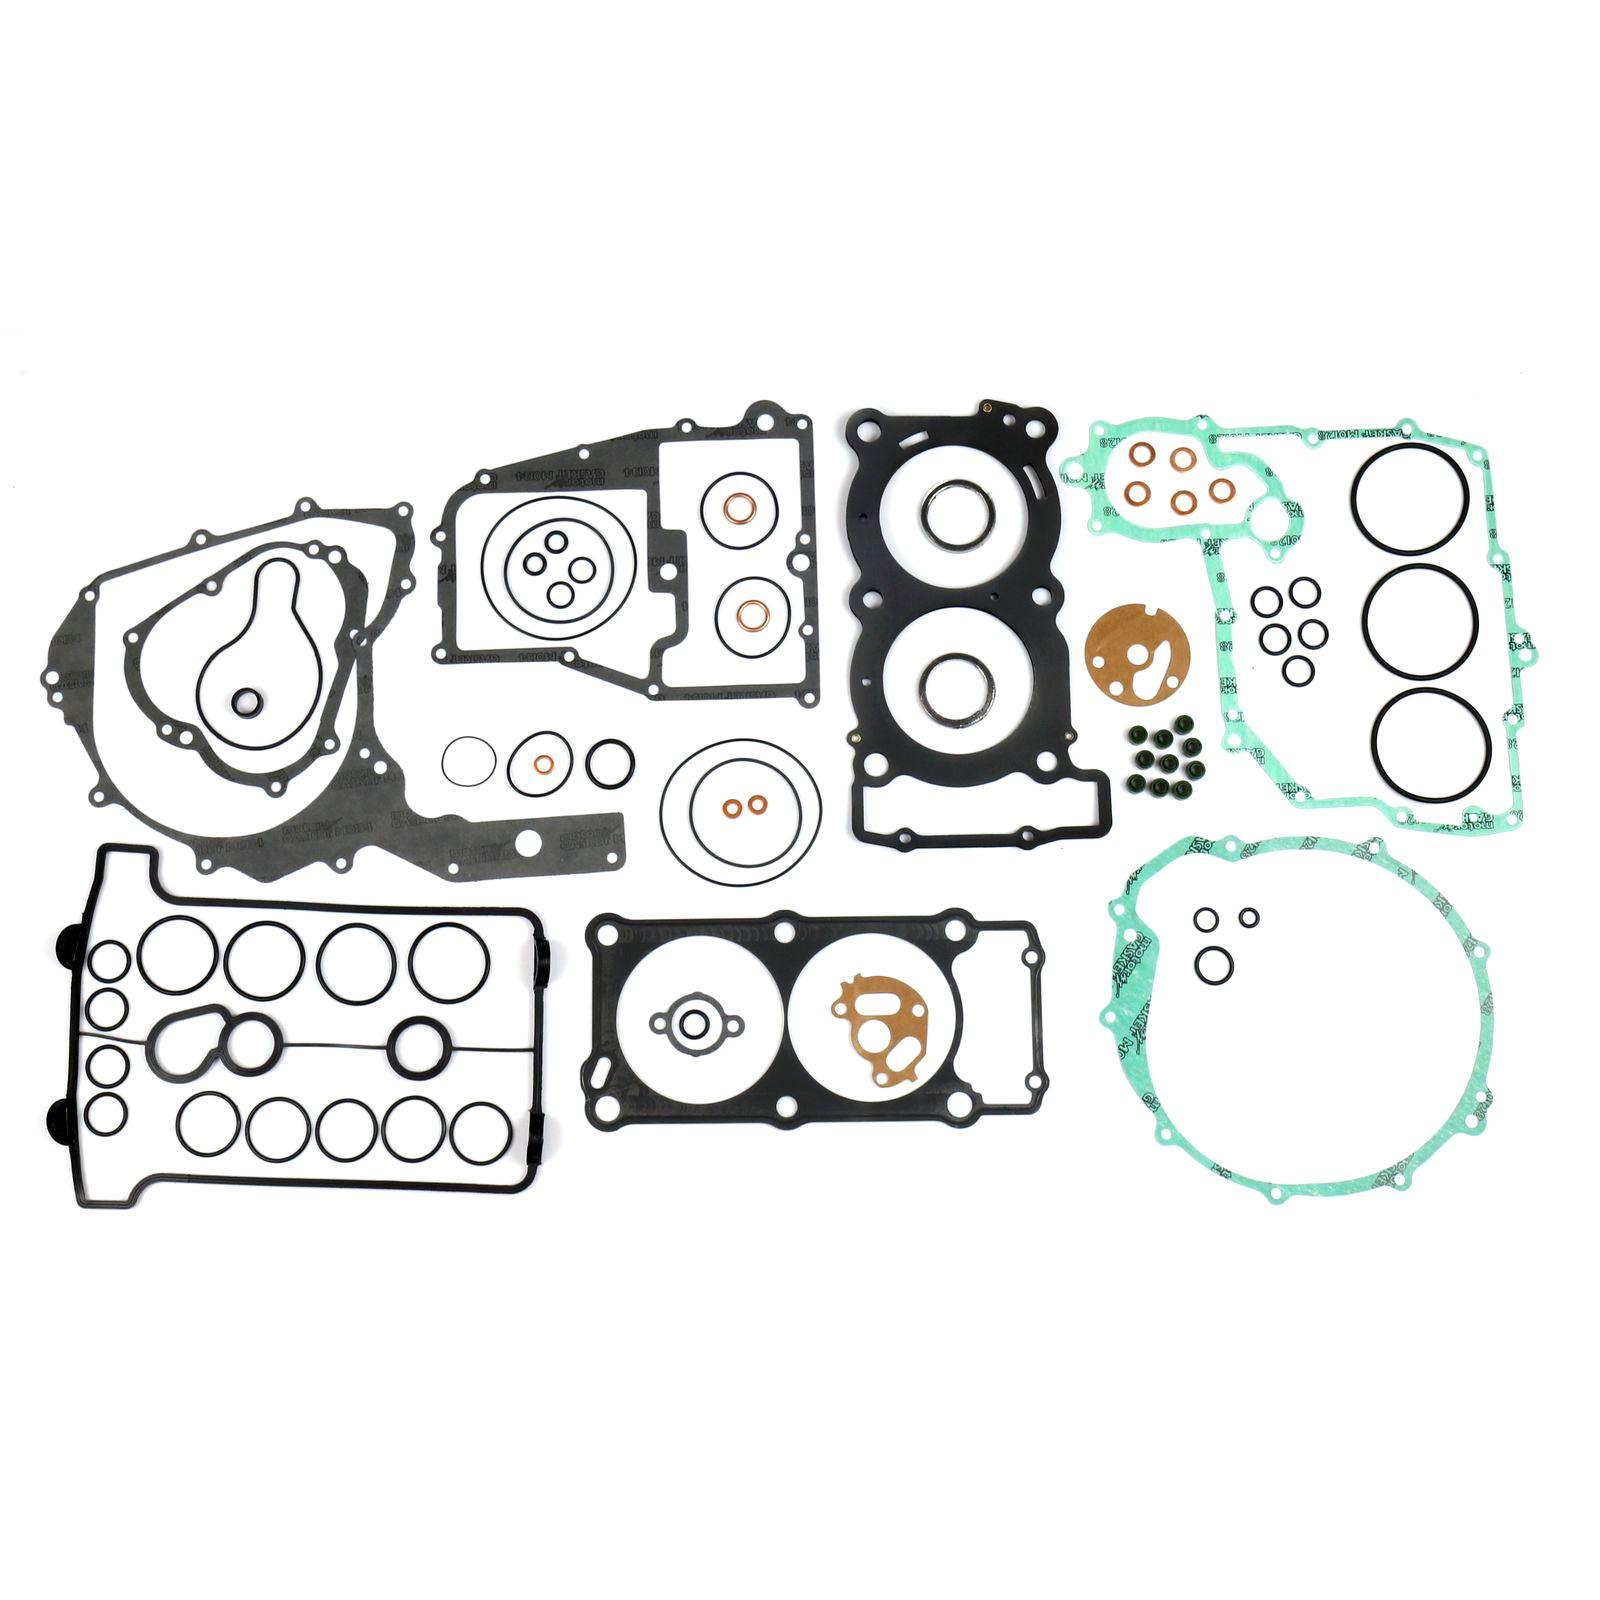 Athena Engine Gasket Kit P400485850722 For Yamaha XTZ 750